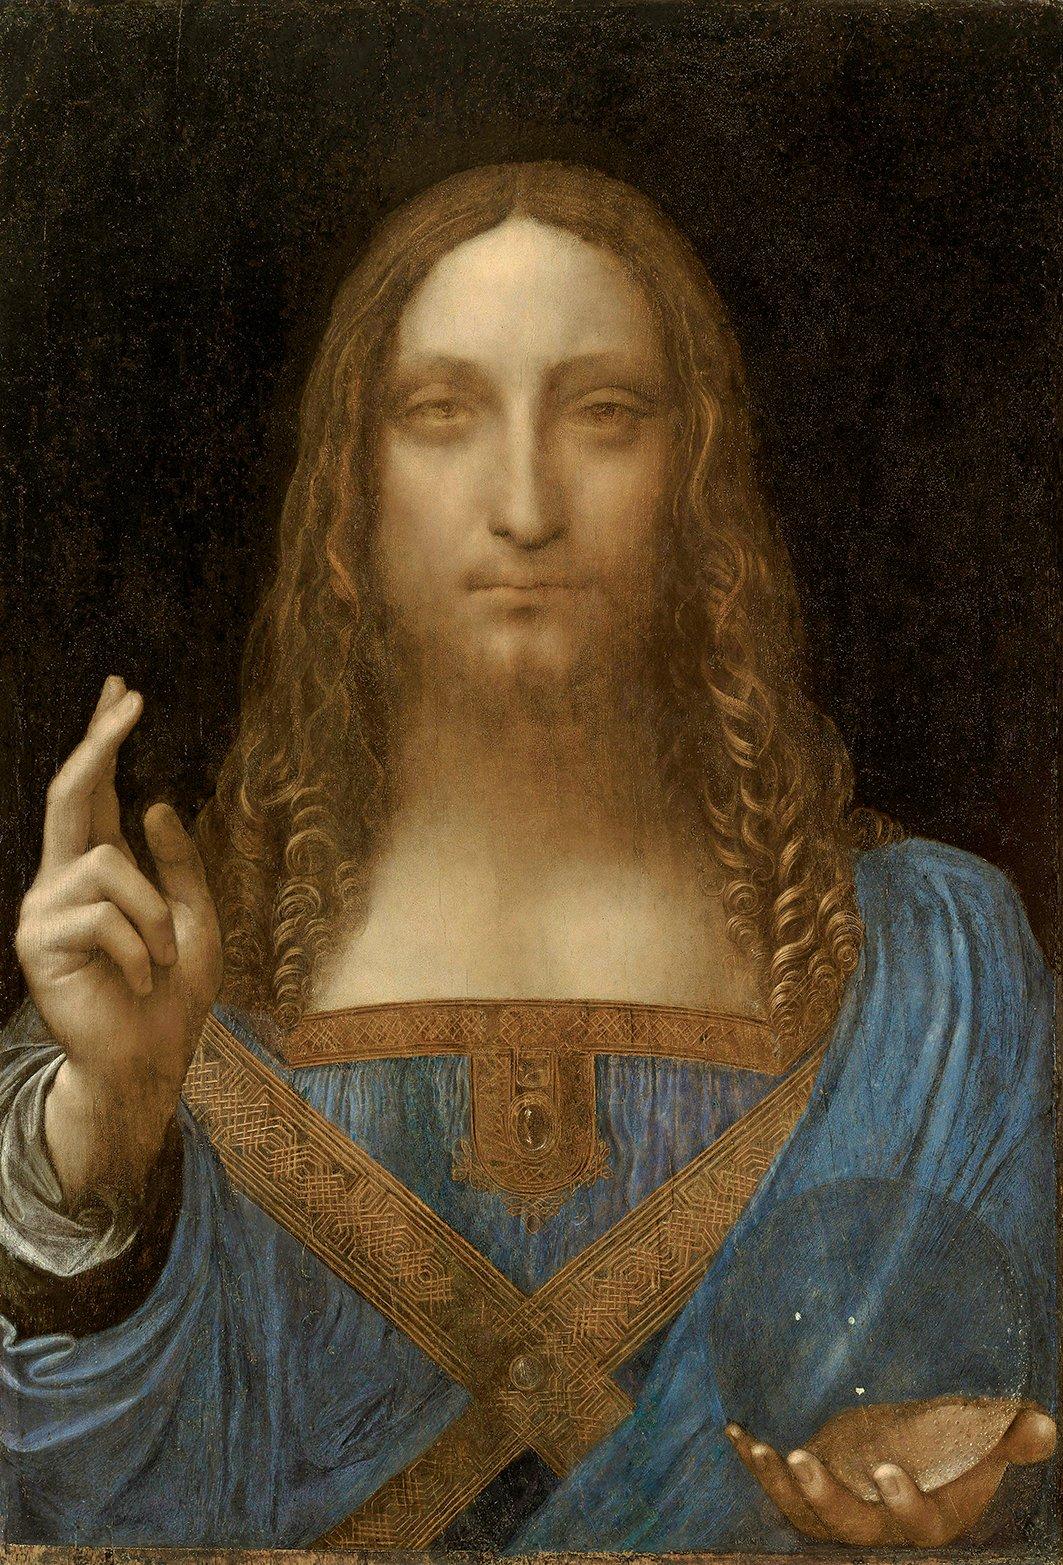 達文西畫作《救世主》,2017年以4億5,000萬美元售出,創下單一藝術品的最高拍賣價紀錄。(維基百科)